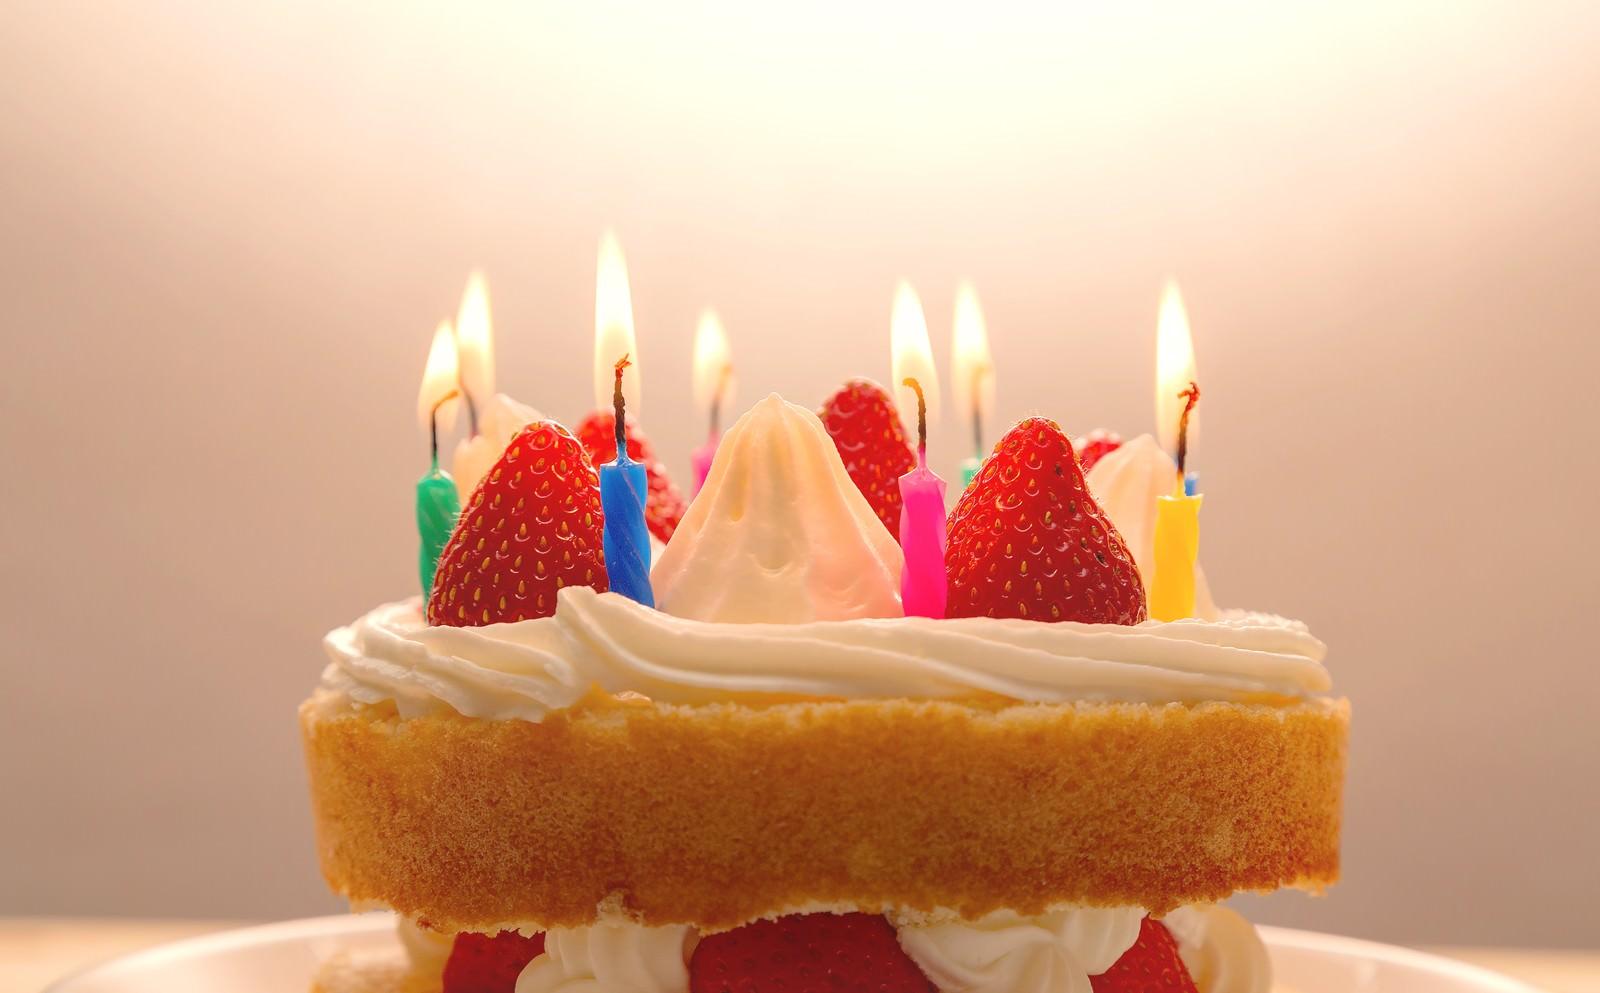 「ケーキのロウソクに火をつけて「おめでとう」ケーキのロウソクに火をつけて「おめでとう」」のフリー写真素材を拡大